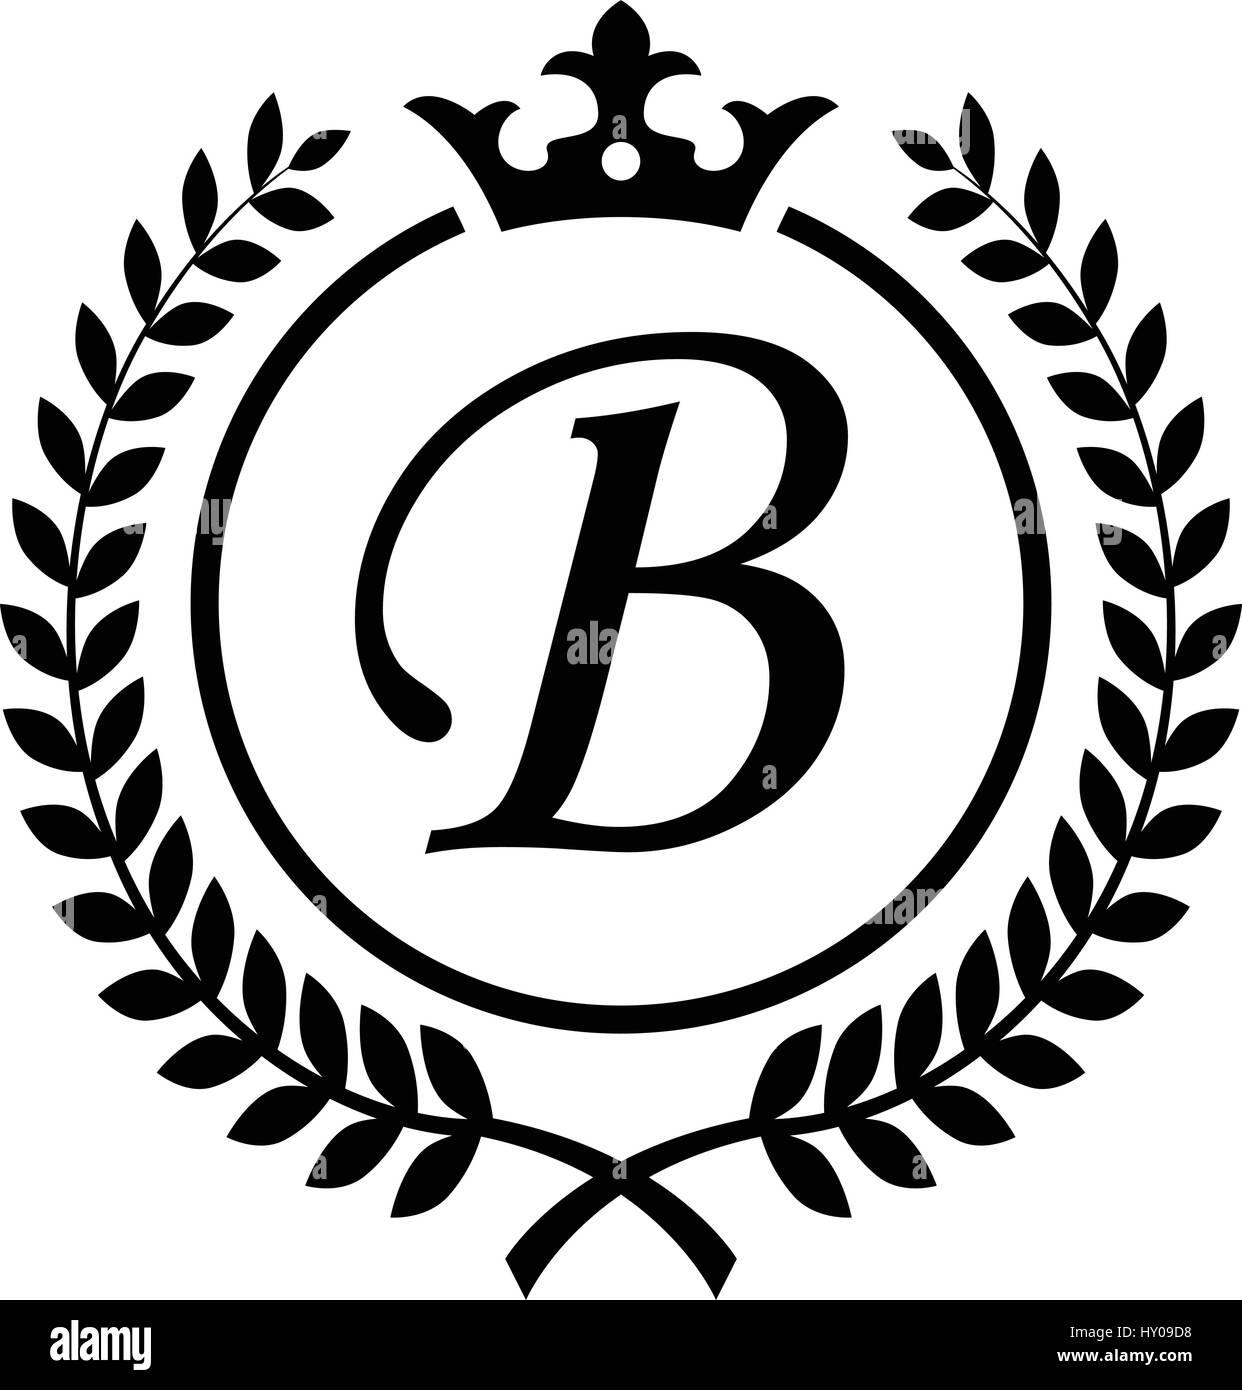 Vintage Letter B Initial Inside Laurel Wreath Symbol